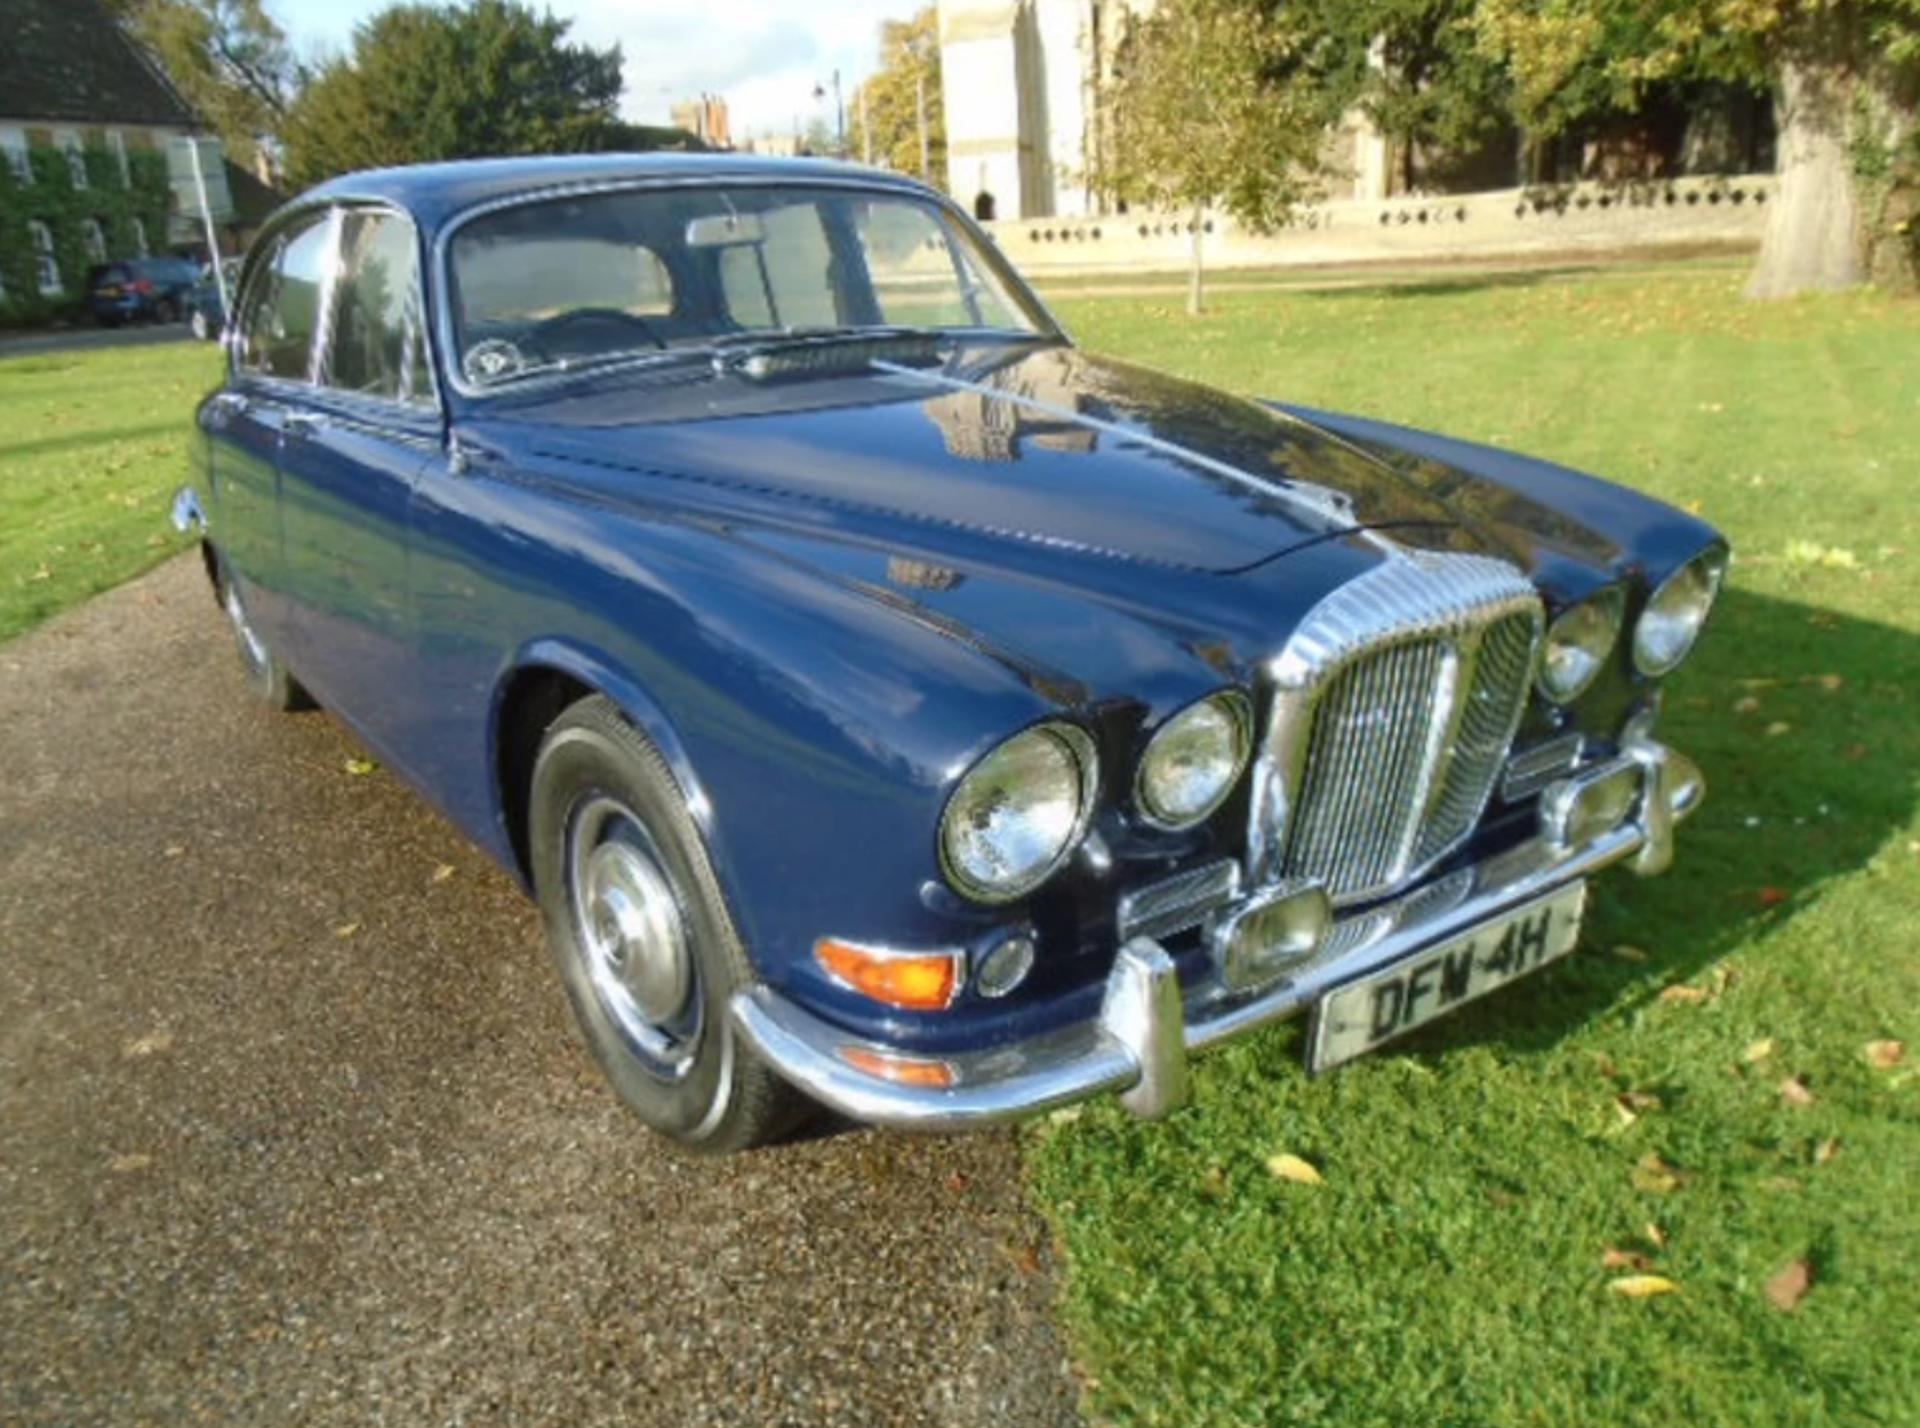 Lot 8 - 1969 Daimler Sovereign 4.2 70K miles